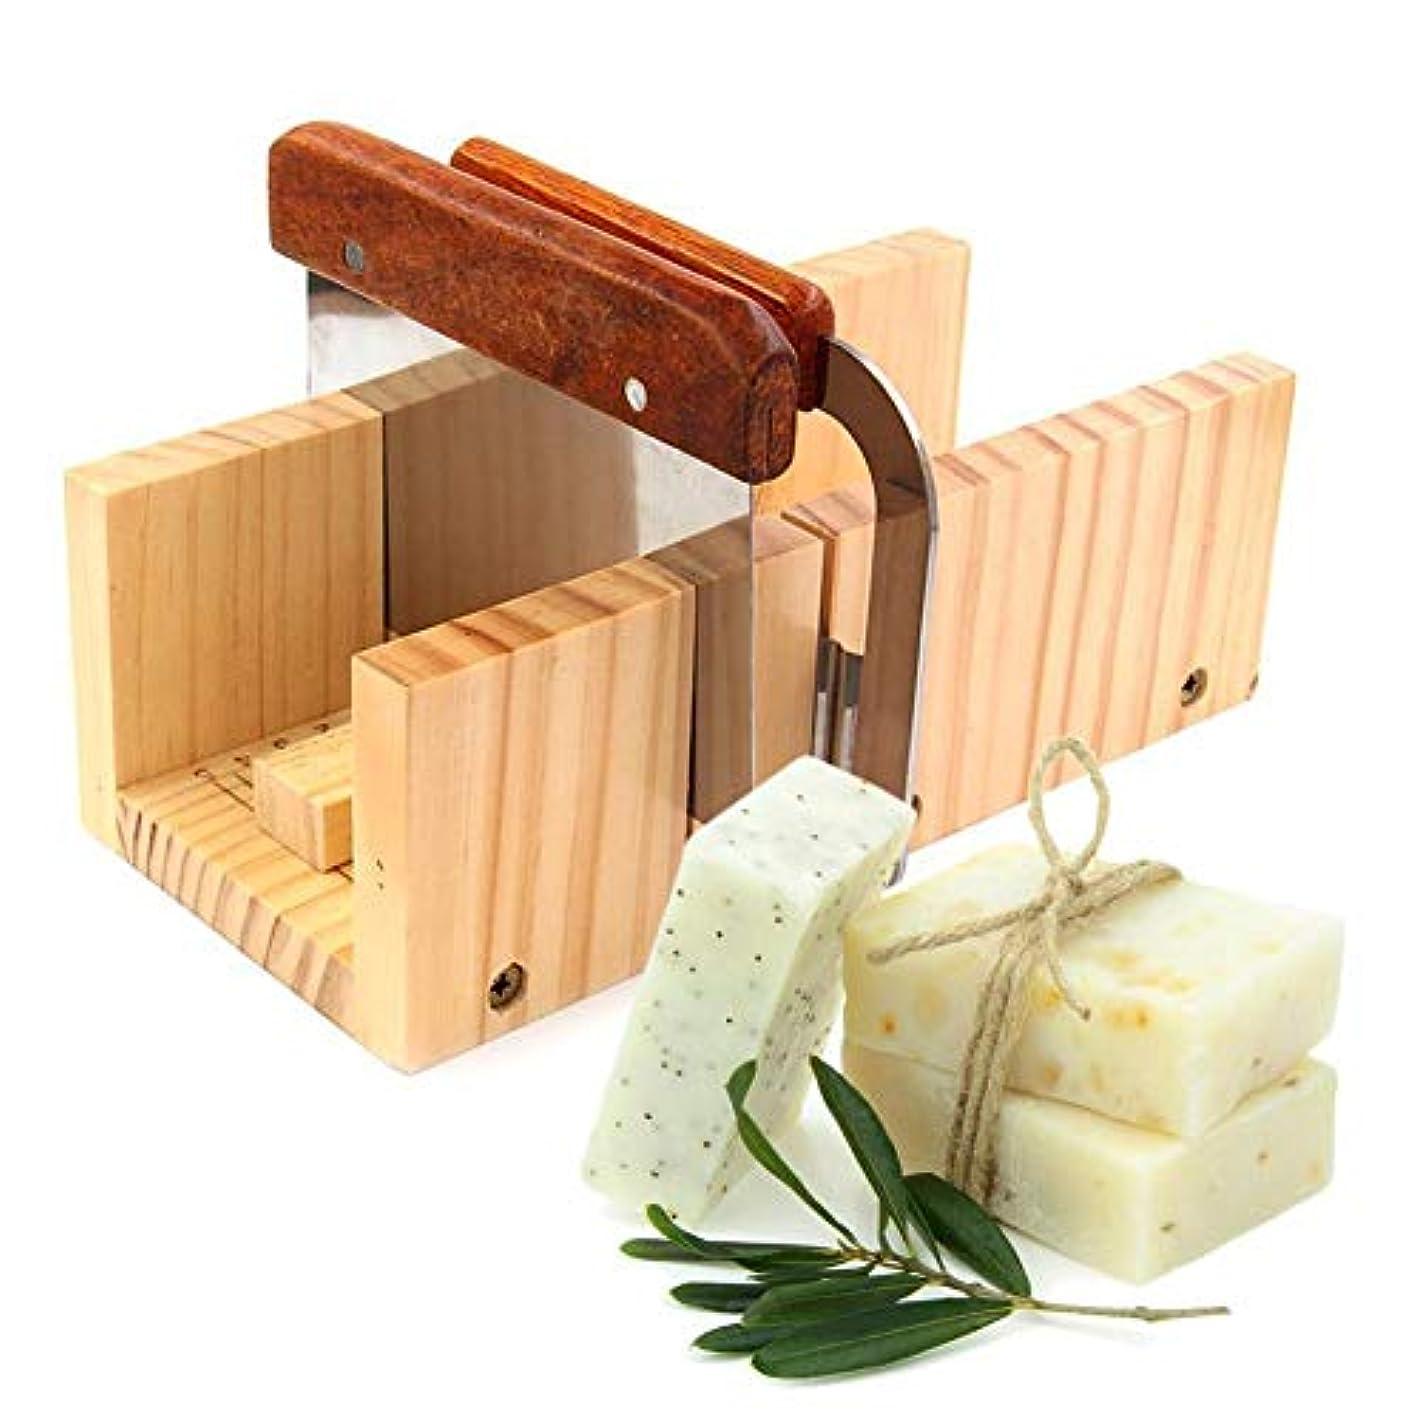 便利さワゴン持っているRagem ソープカッター 手作り石鹸金型 木製 ローフカッターボックス 調整可能 多機能ソープ切削工具 ストレートプレーニングツール